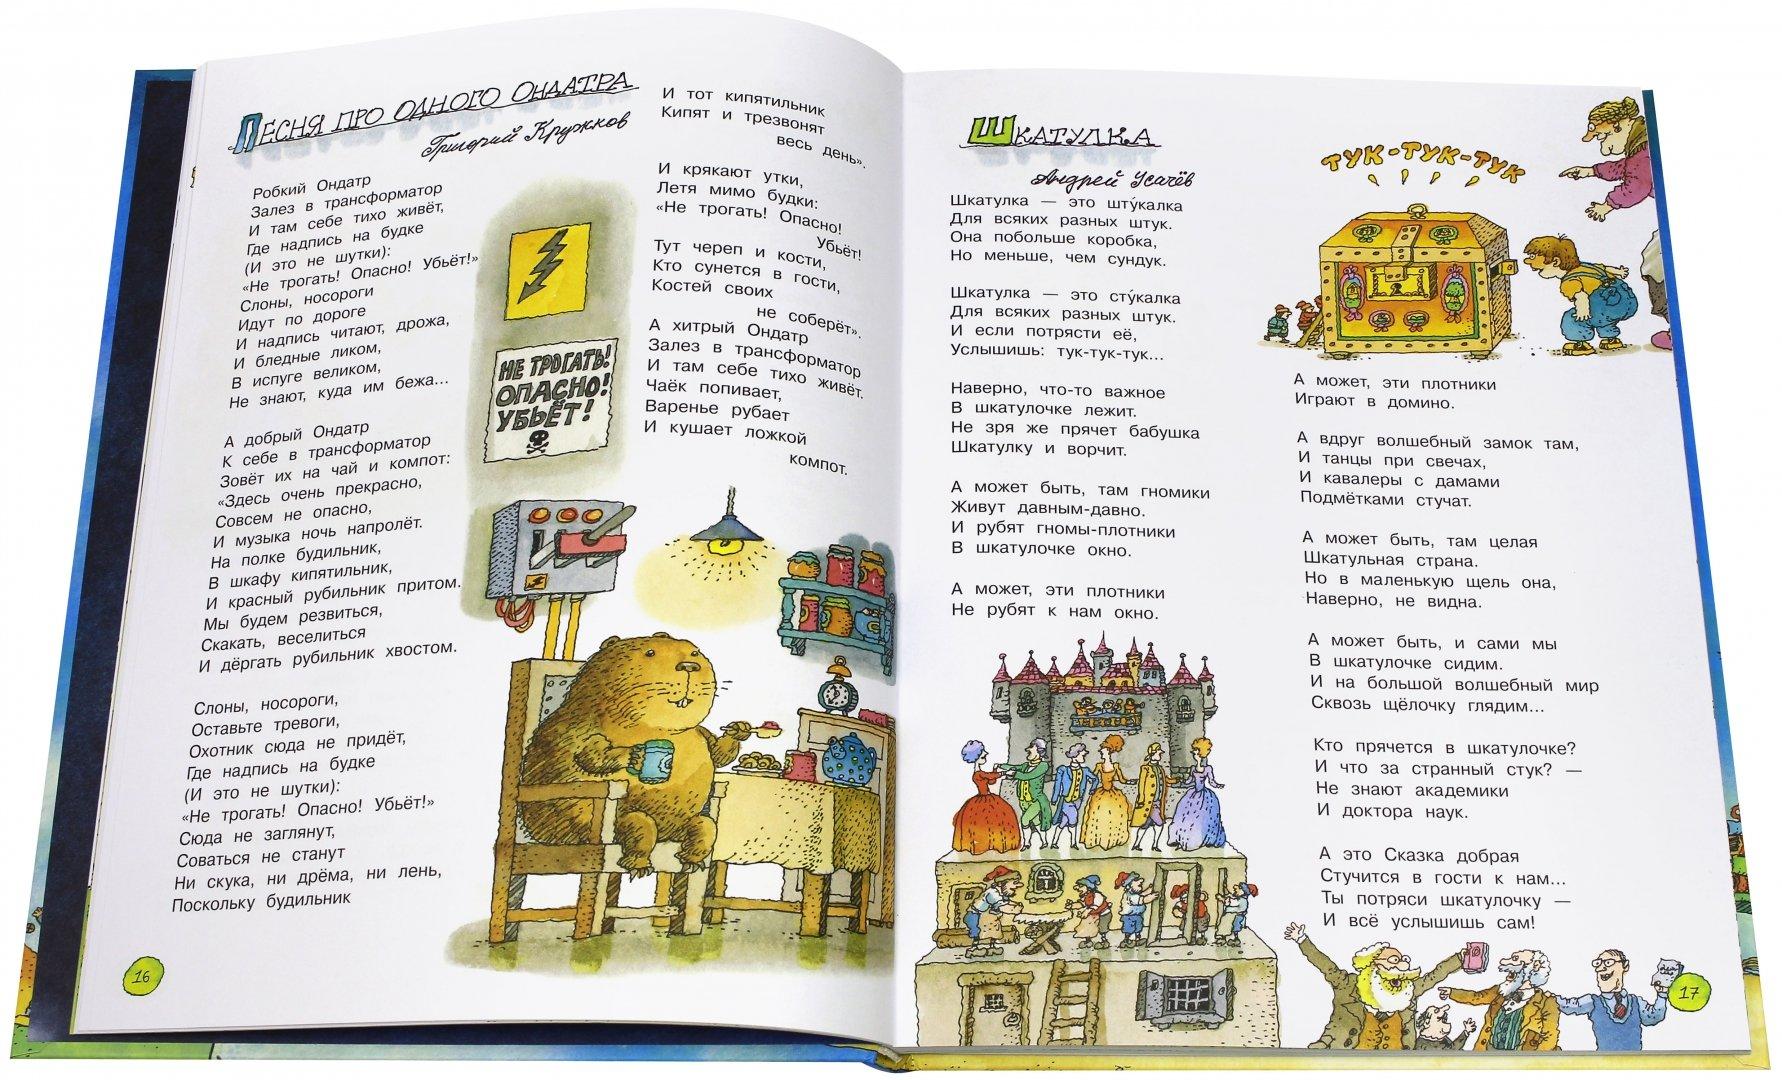 Иллюстрация 1 из 42 для Стихи, которые... - Боровков, Кружков, Усачев, Яснов, Гиваргизов, Сеф, Собакин   Лабиринт - книги. Источник: Лабиринт